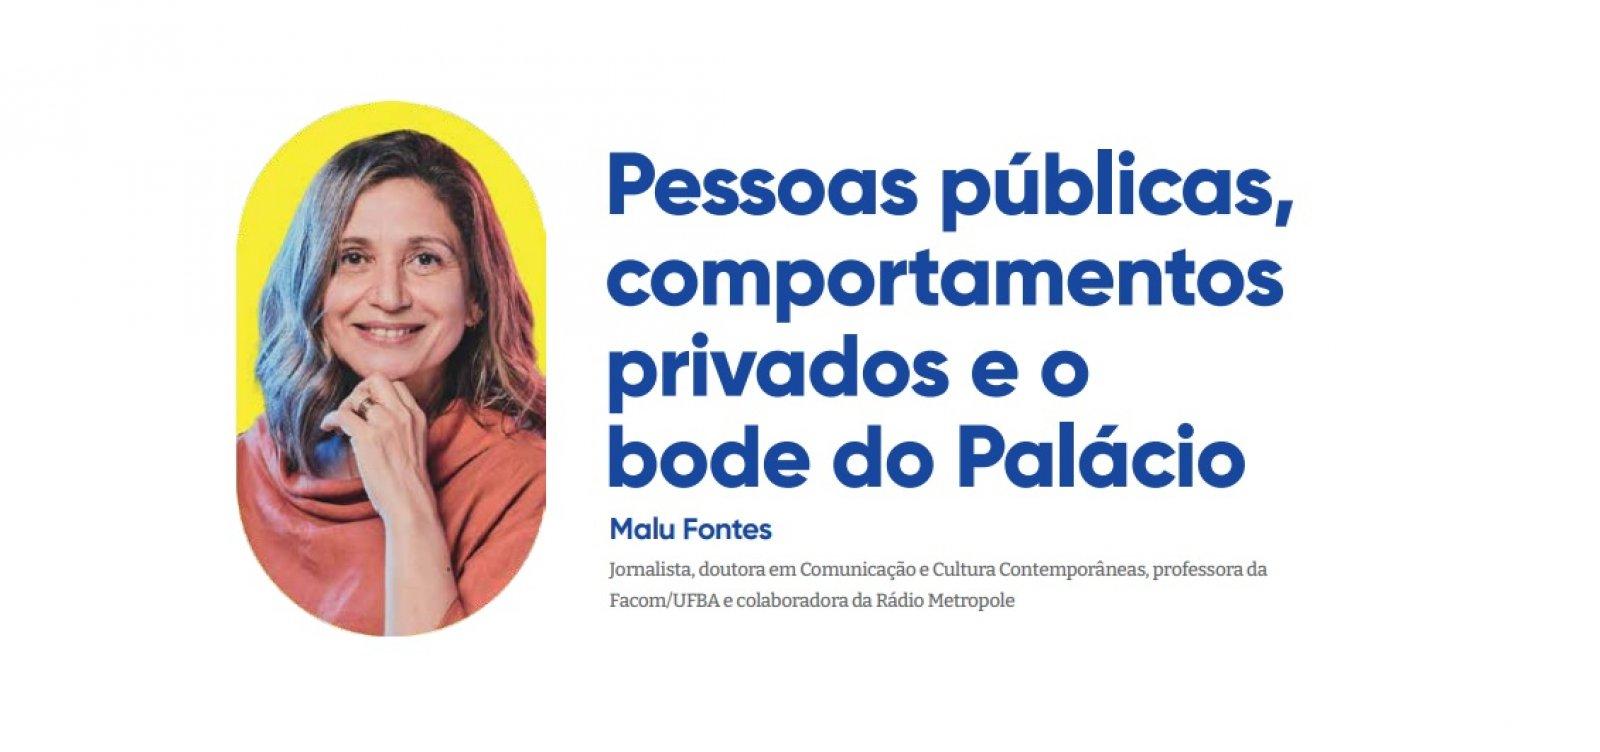 Pessoas públicas, comportamentos privados e  o bode do Palácio